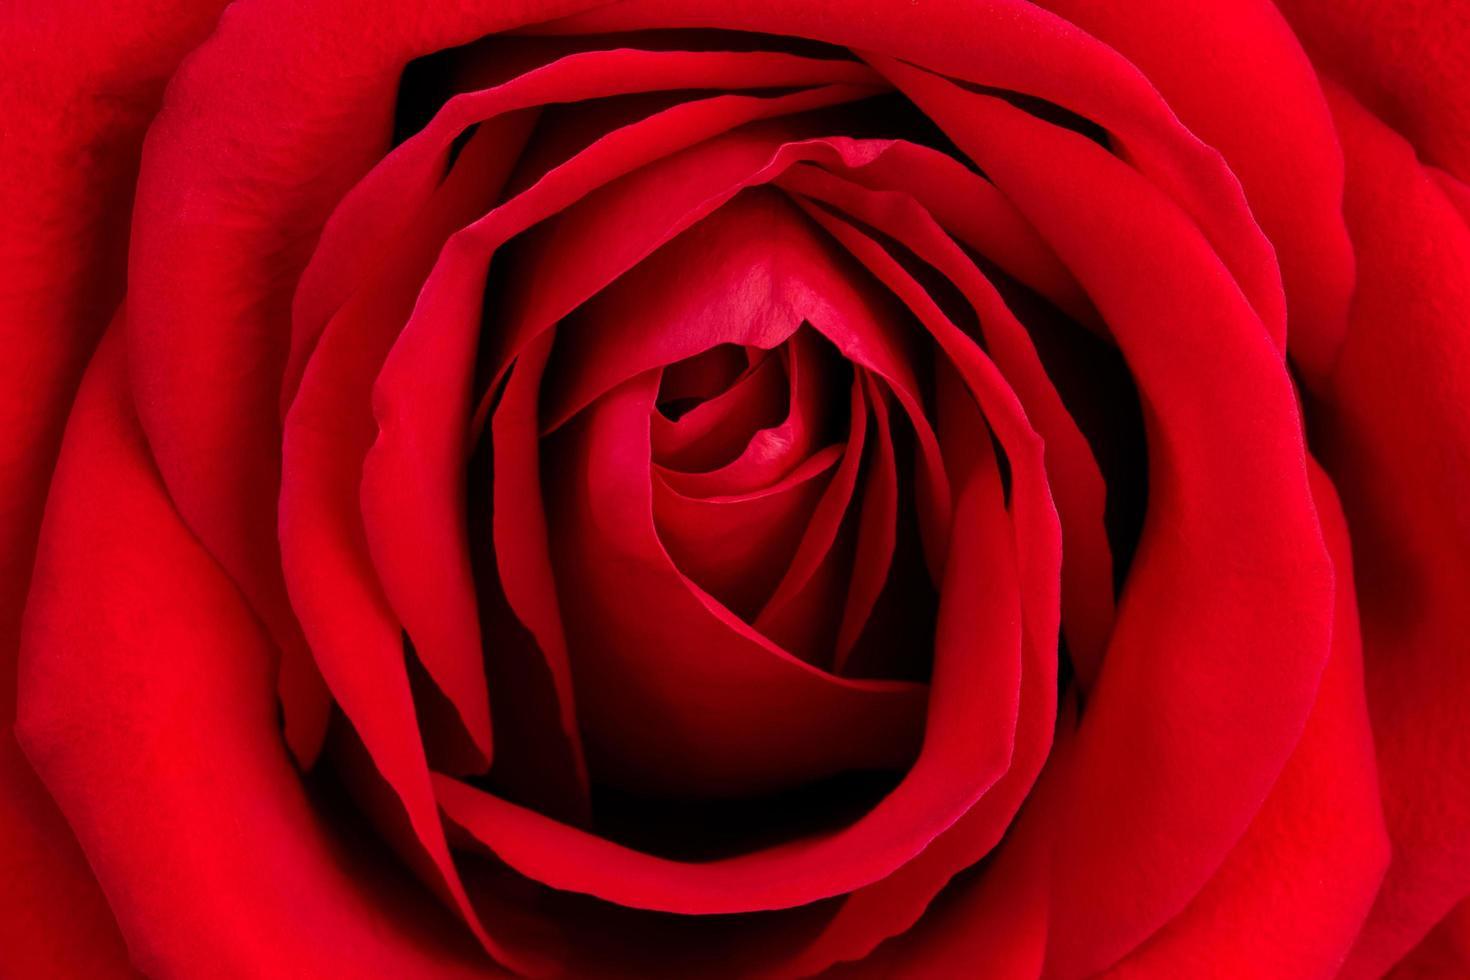 bakgrund från färsk röd ros foto